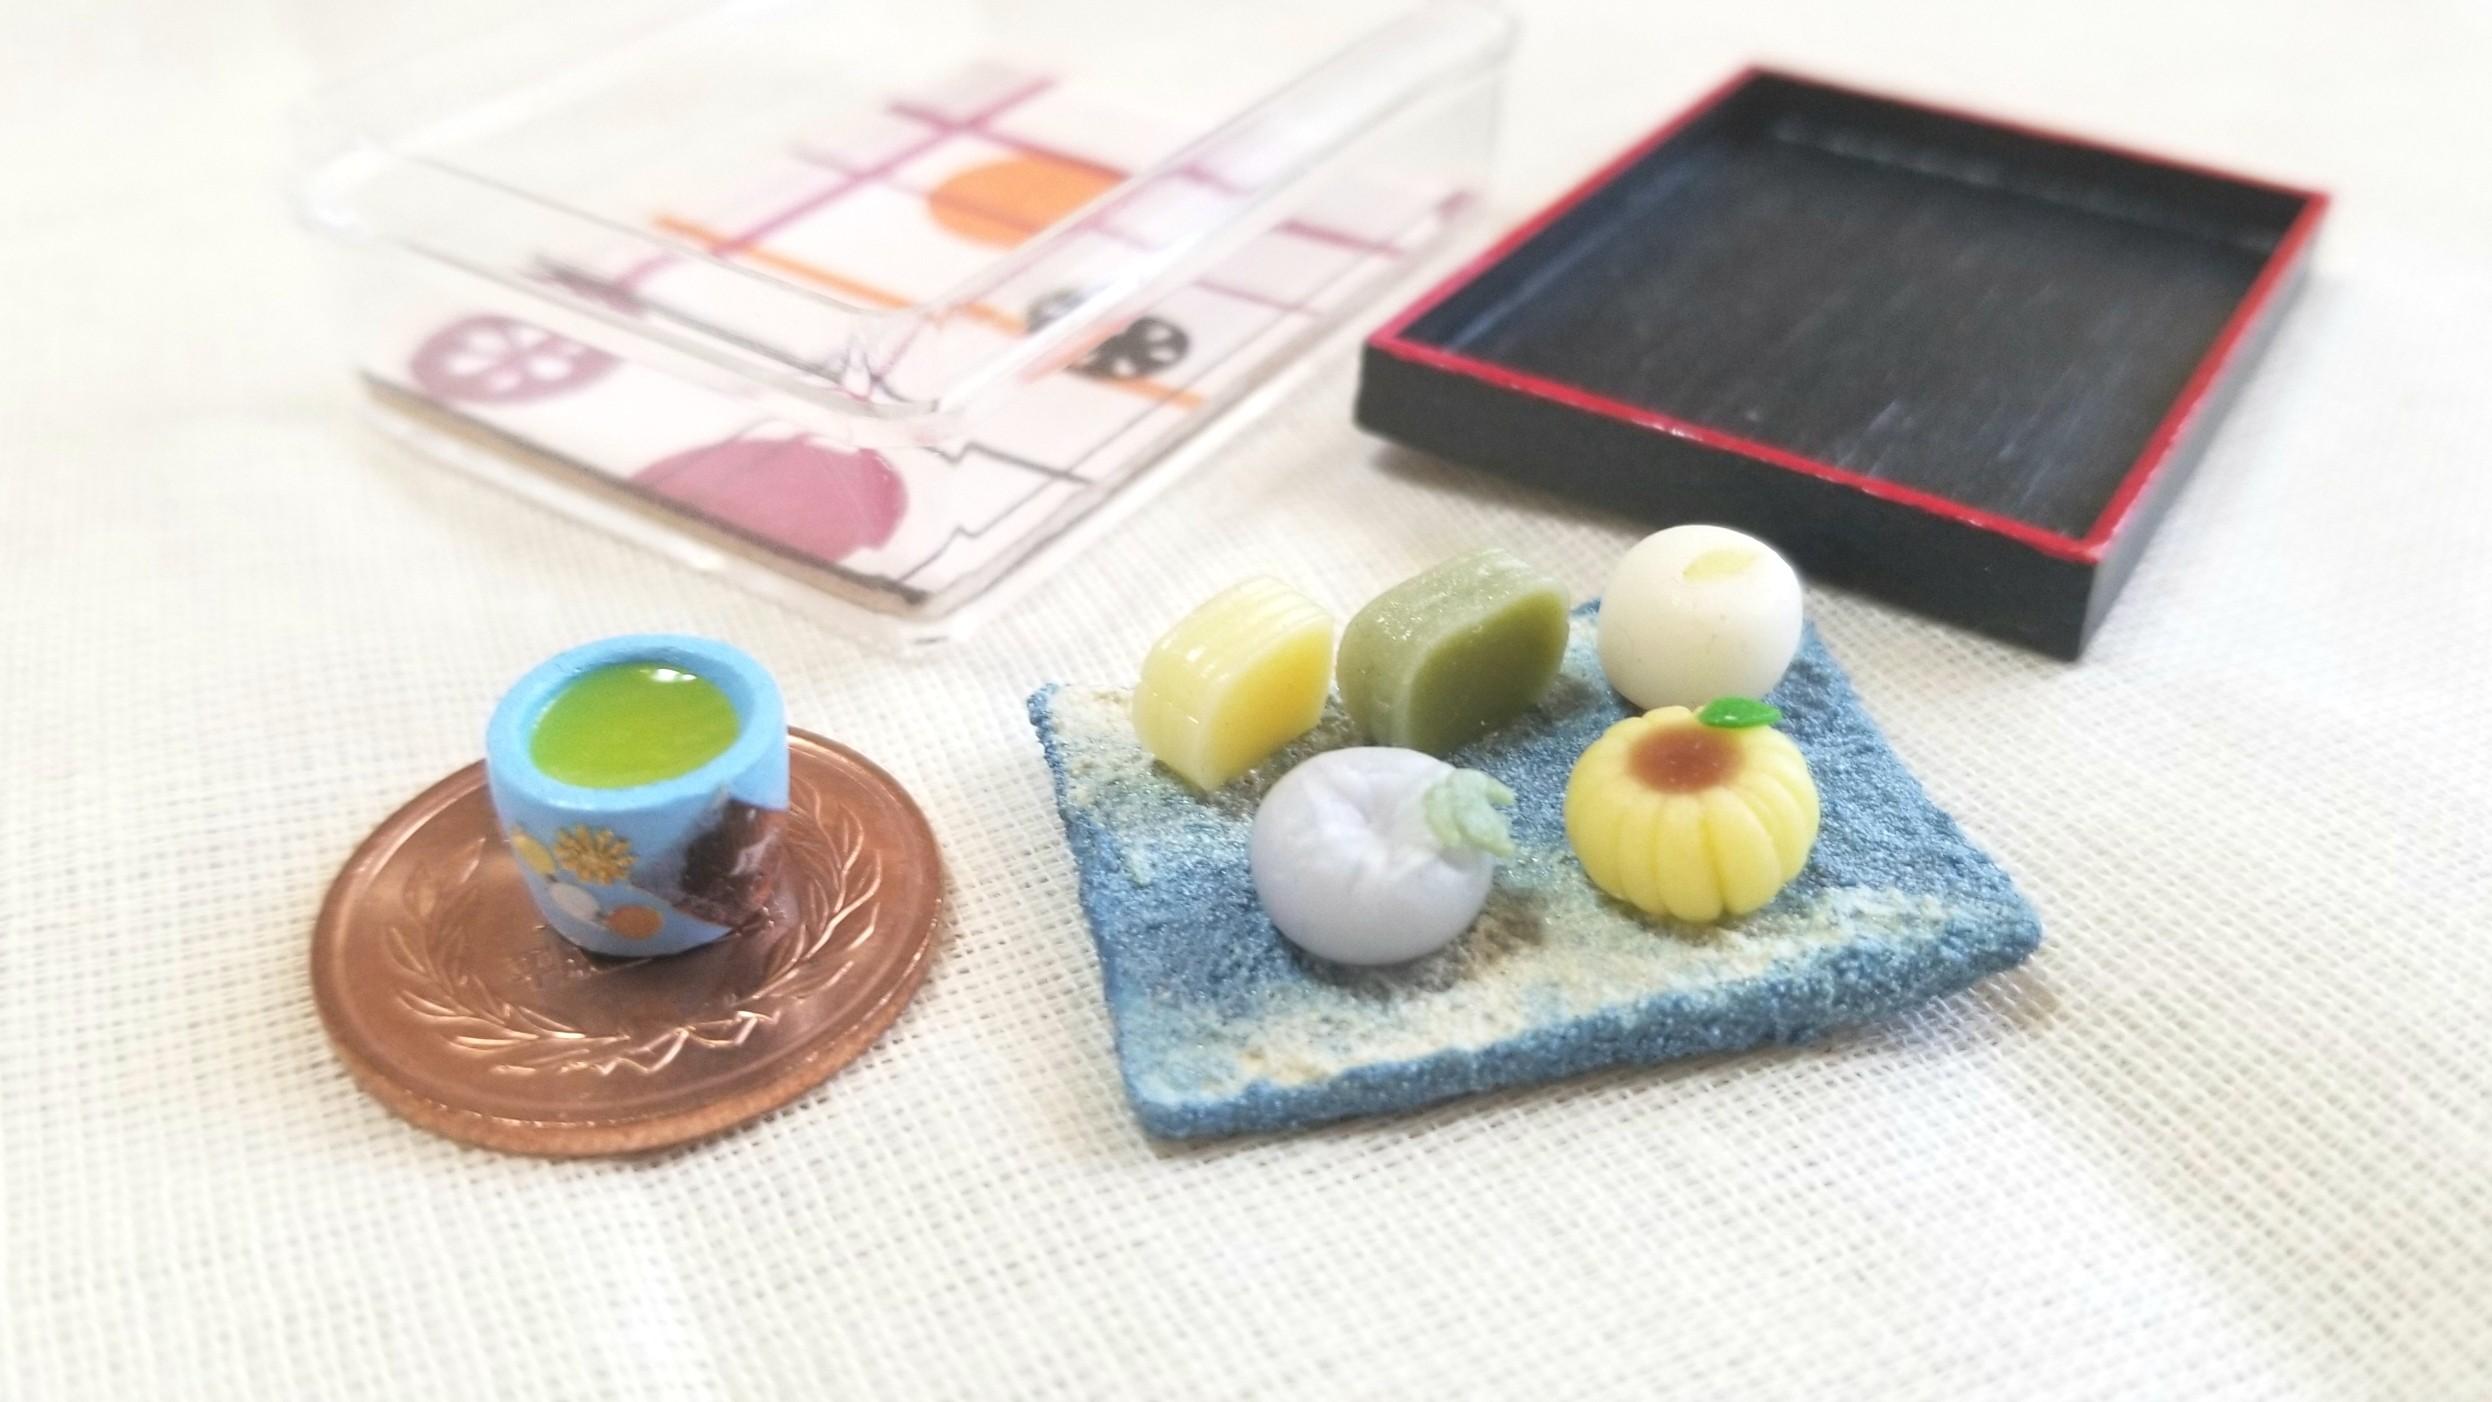 夏の和菓子,ようかん,練りきり,向日葵,朝顔,絶品,小さい,超美味しい